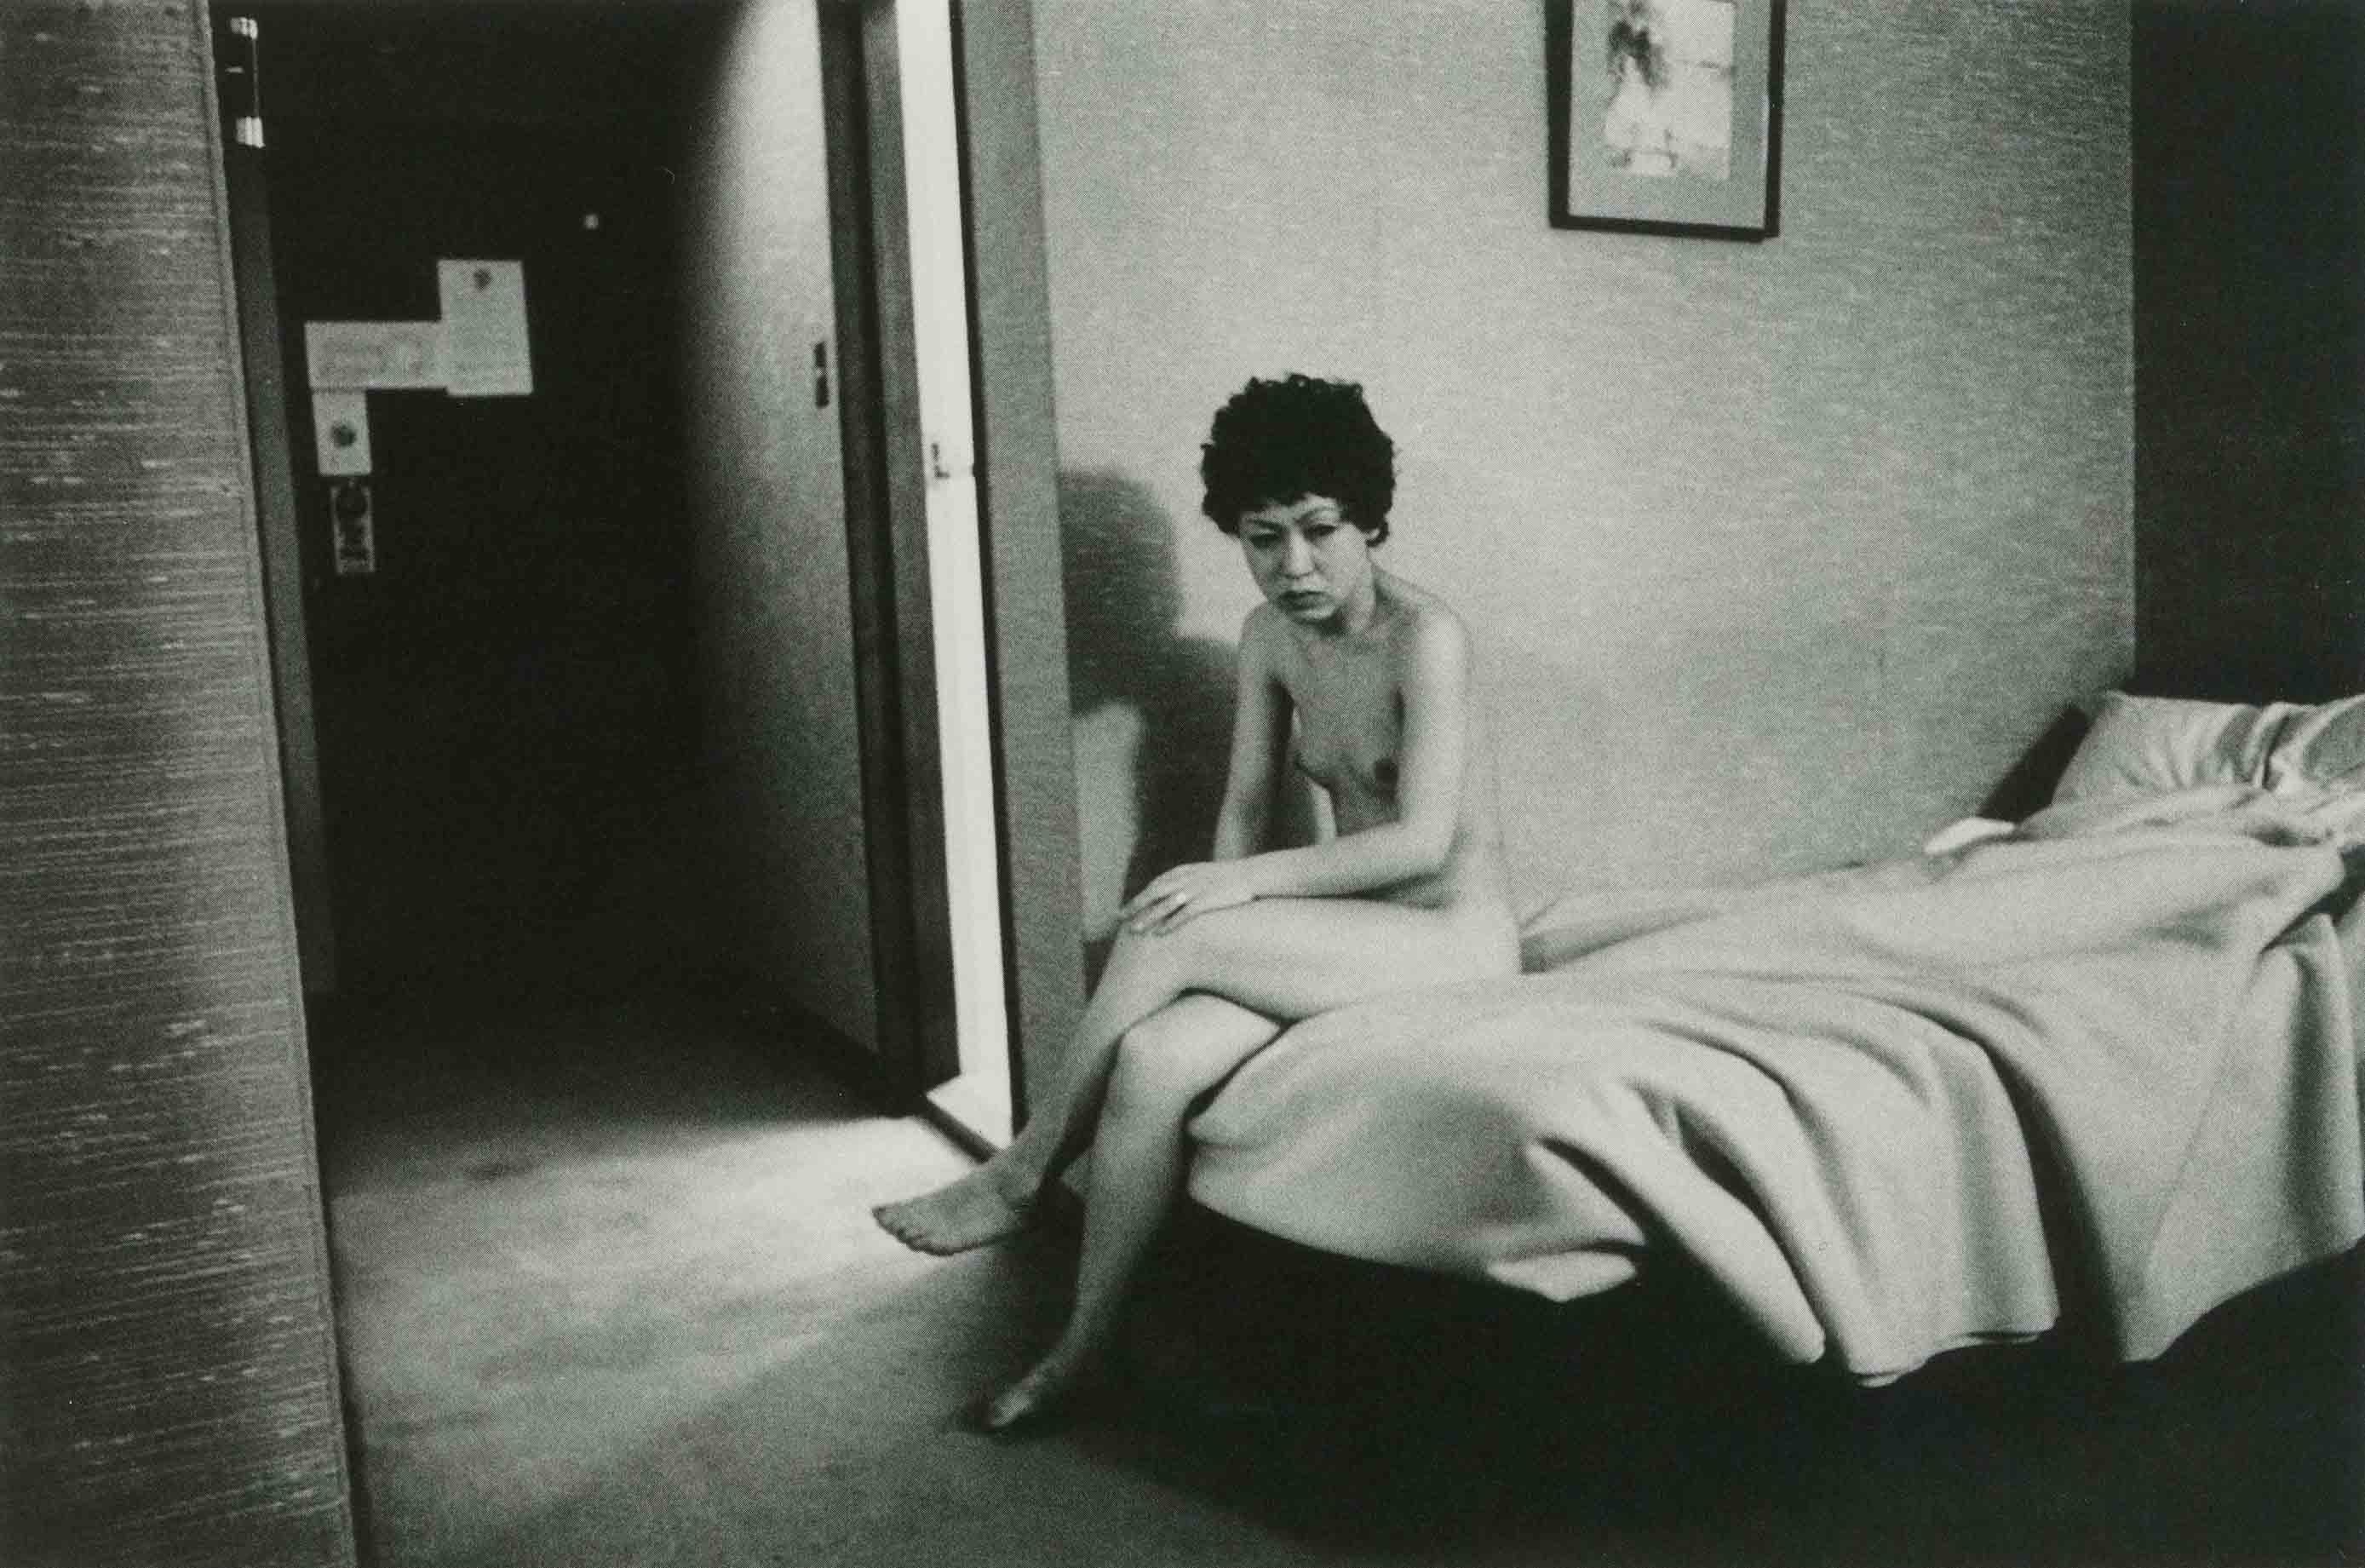 Nobuyoshi Araki, Sentimental Journey, 1971_2012, Courtesy of Taka Ishii Gallery, Tokyo (A)